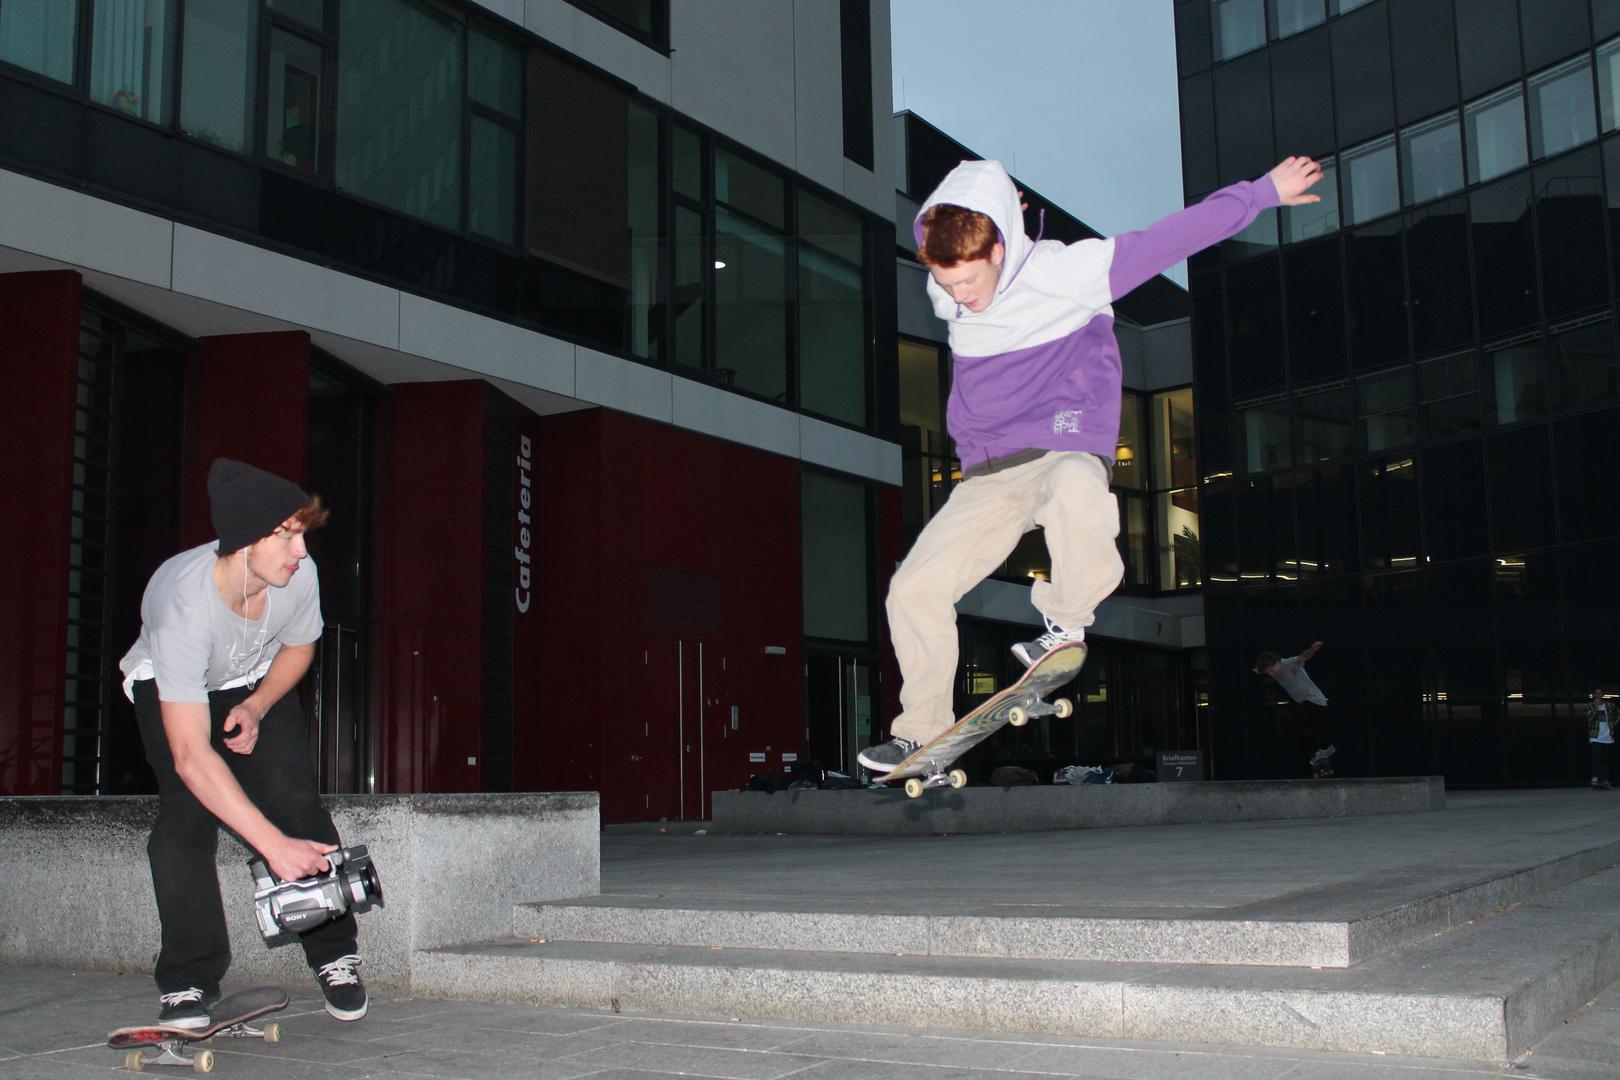 Skaten ...